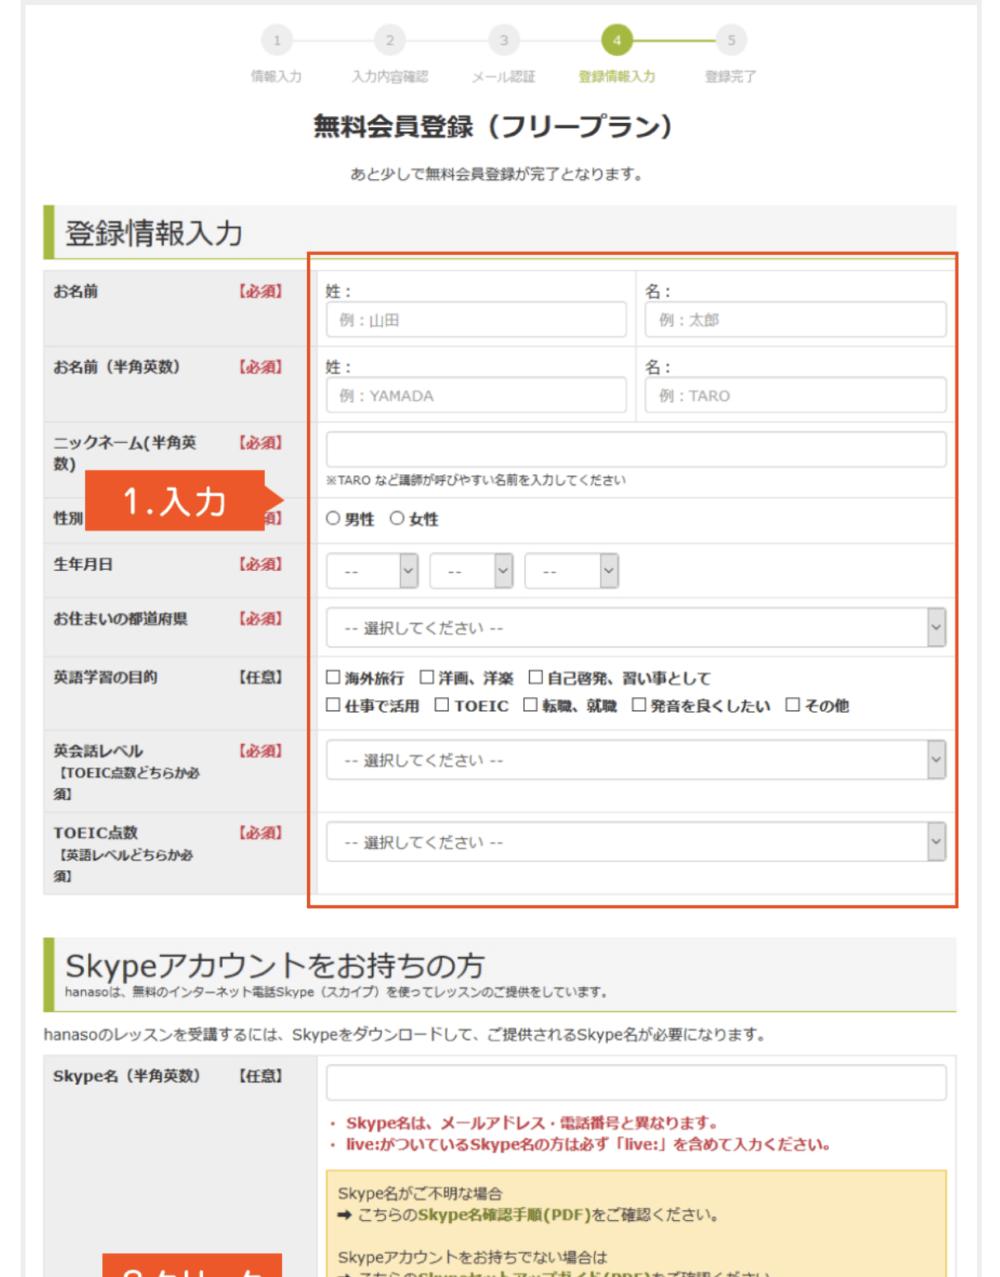 hanaso無料登録画面ステップ3です。